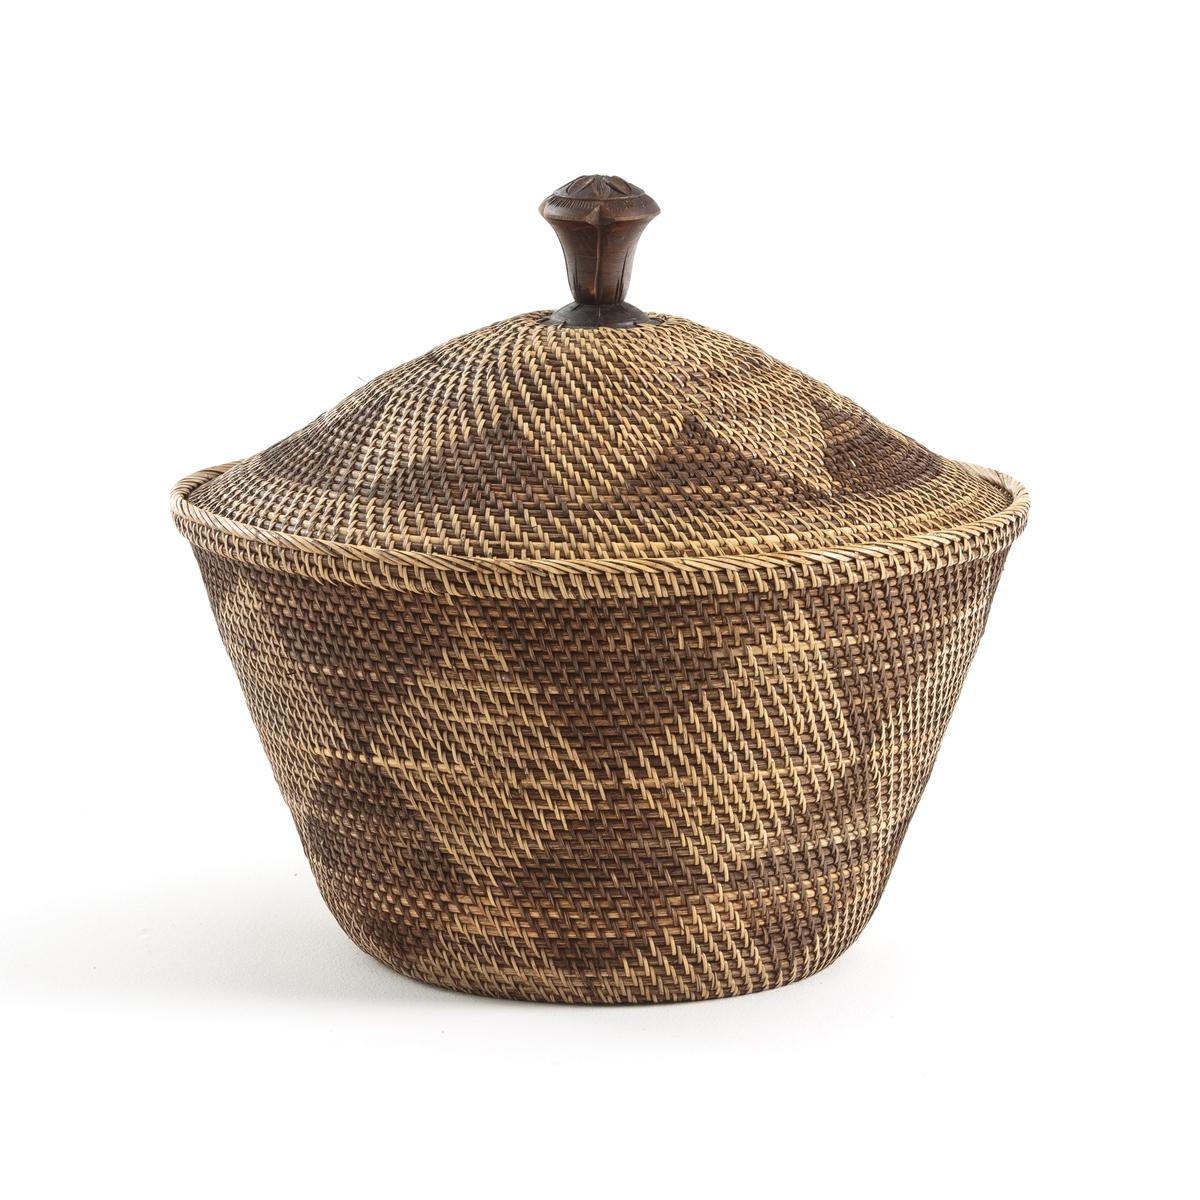 Корзина La Redoute x В см из ротанга и плетеного бамбука Brazil единый размер бежевый поднос la redoute из ротанга vesprie единый размер бежевый